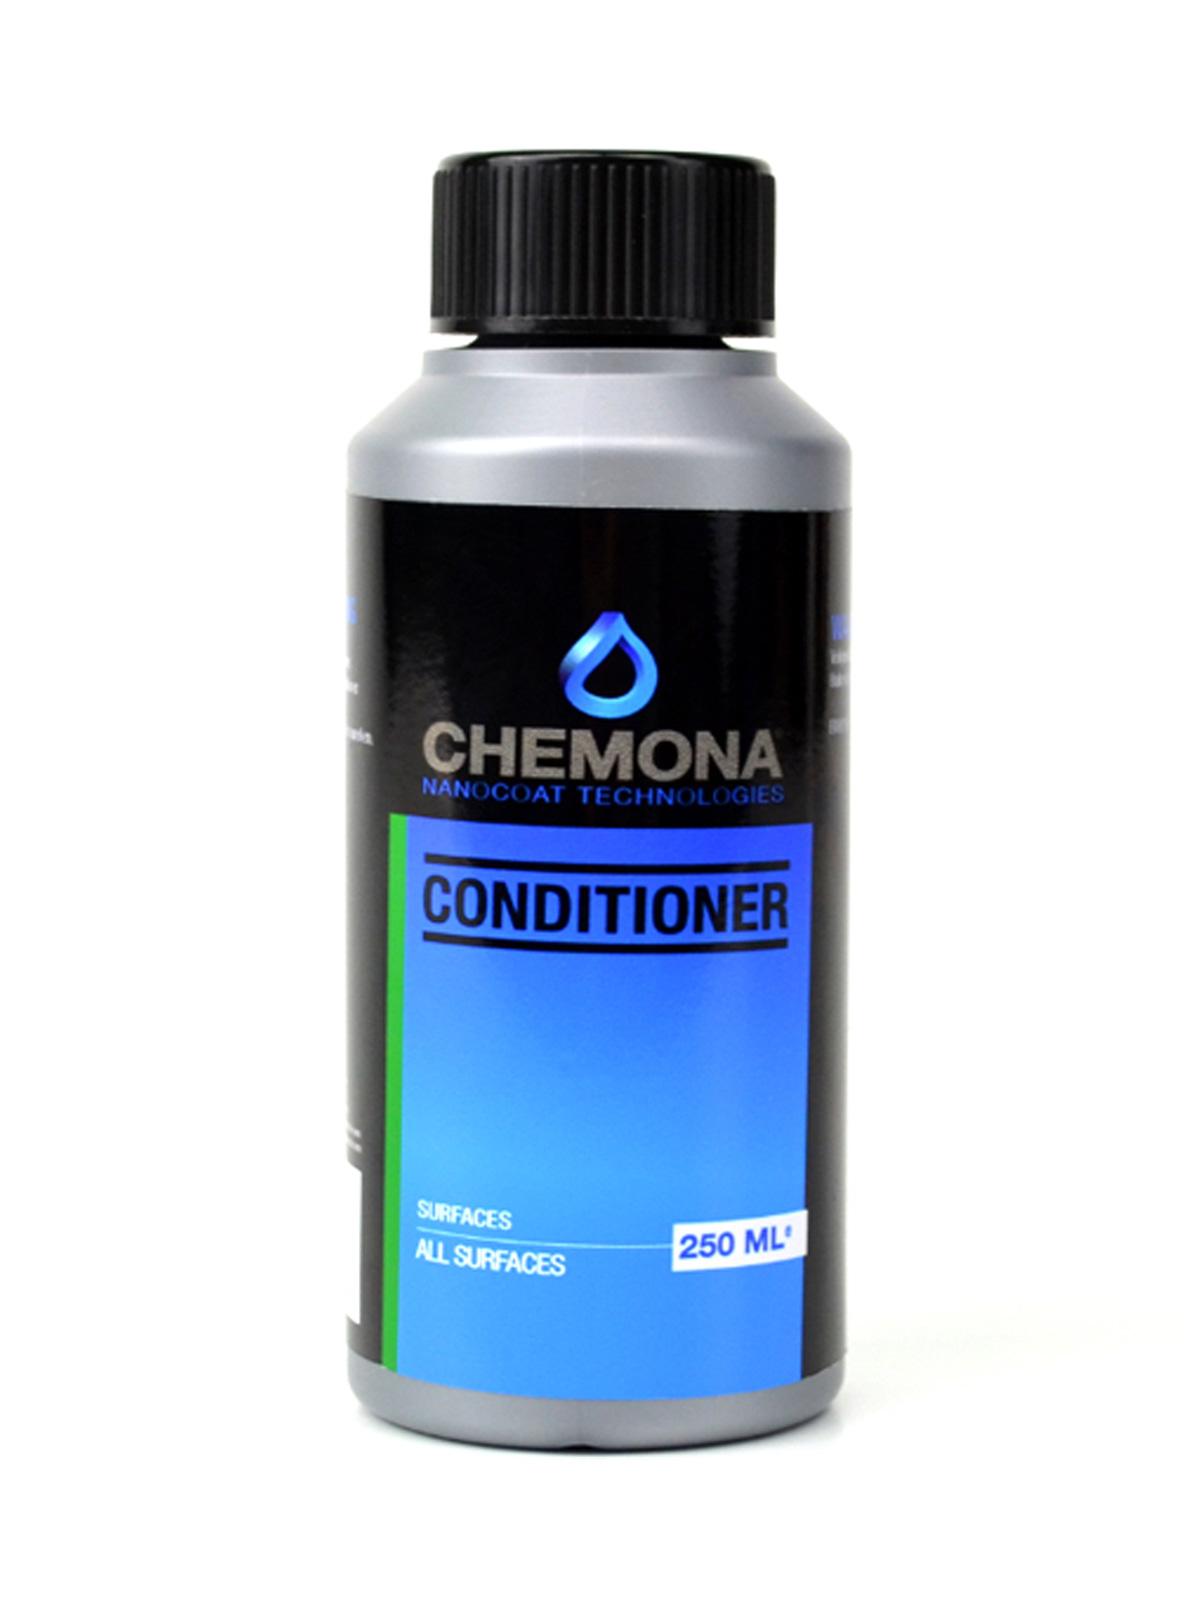 Chemona Conditioner